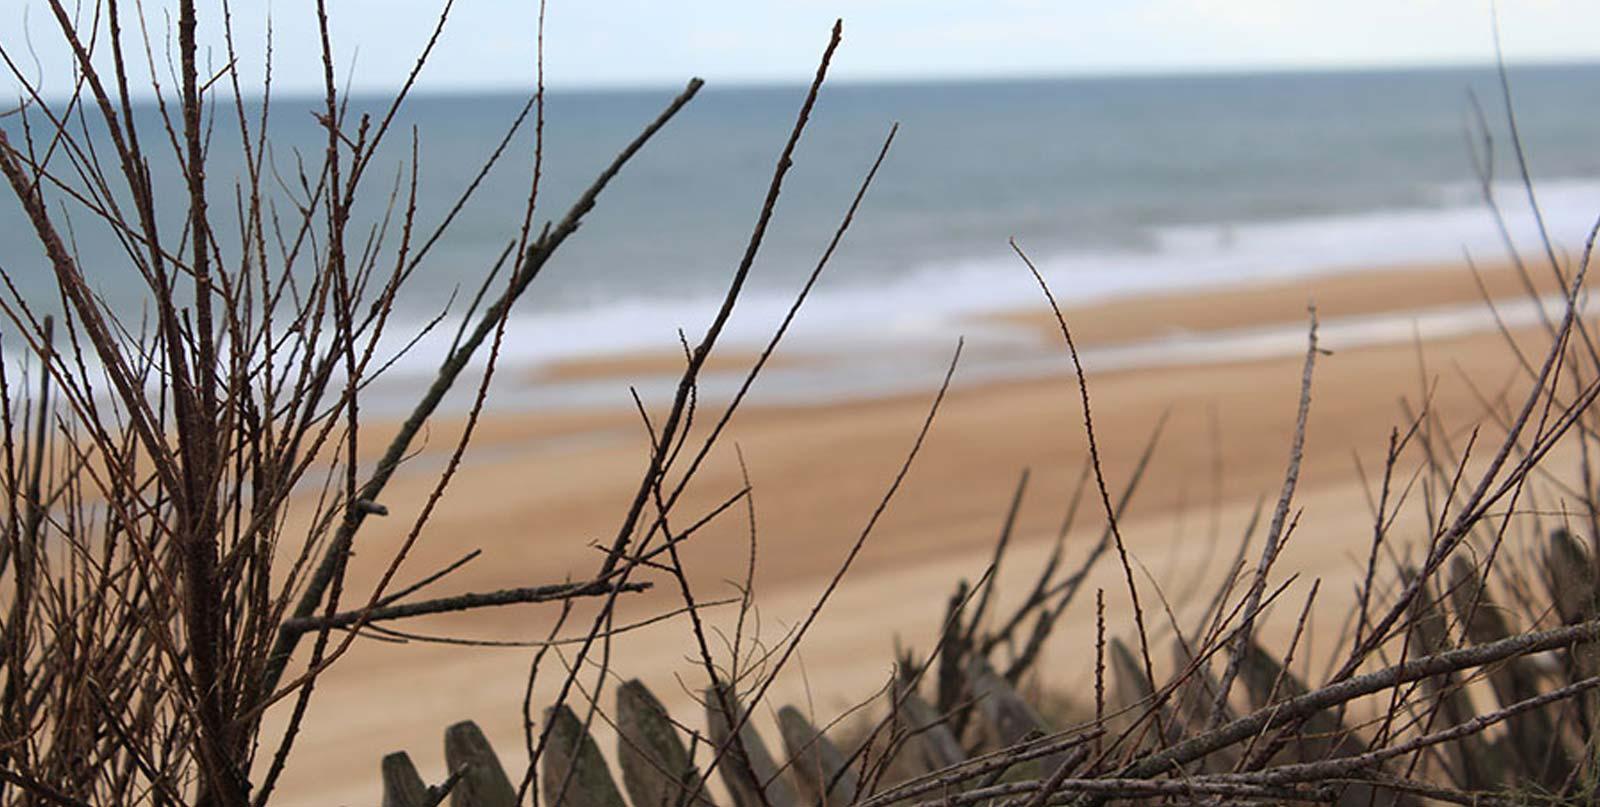 vue plage et océan du haut d'une dune